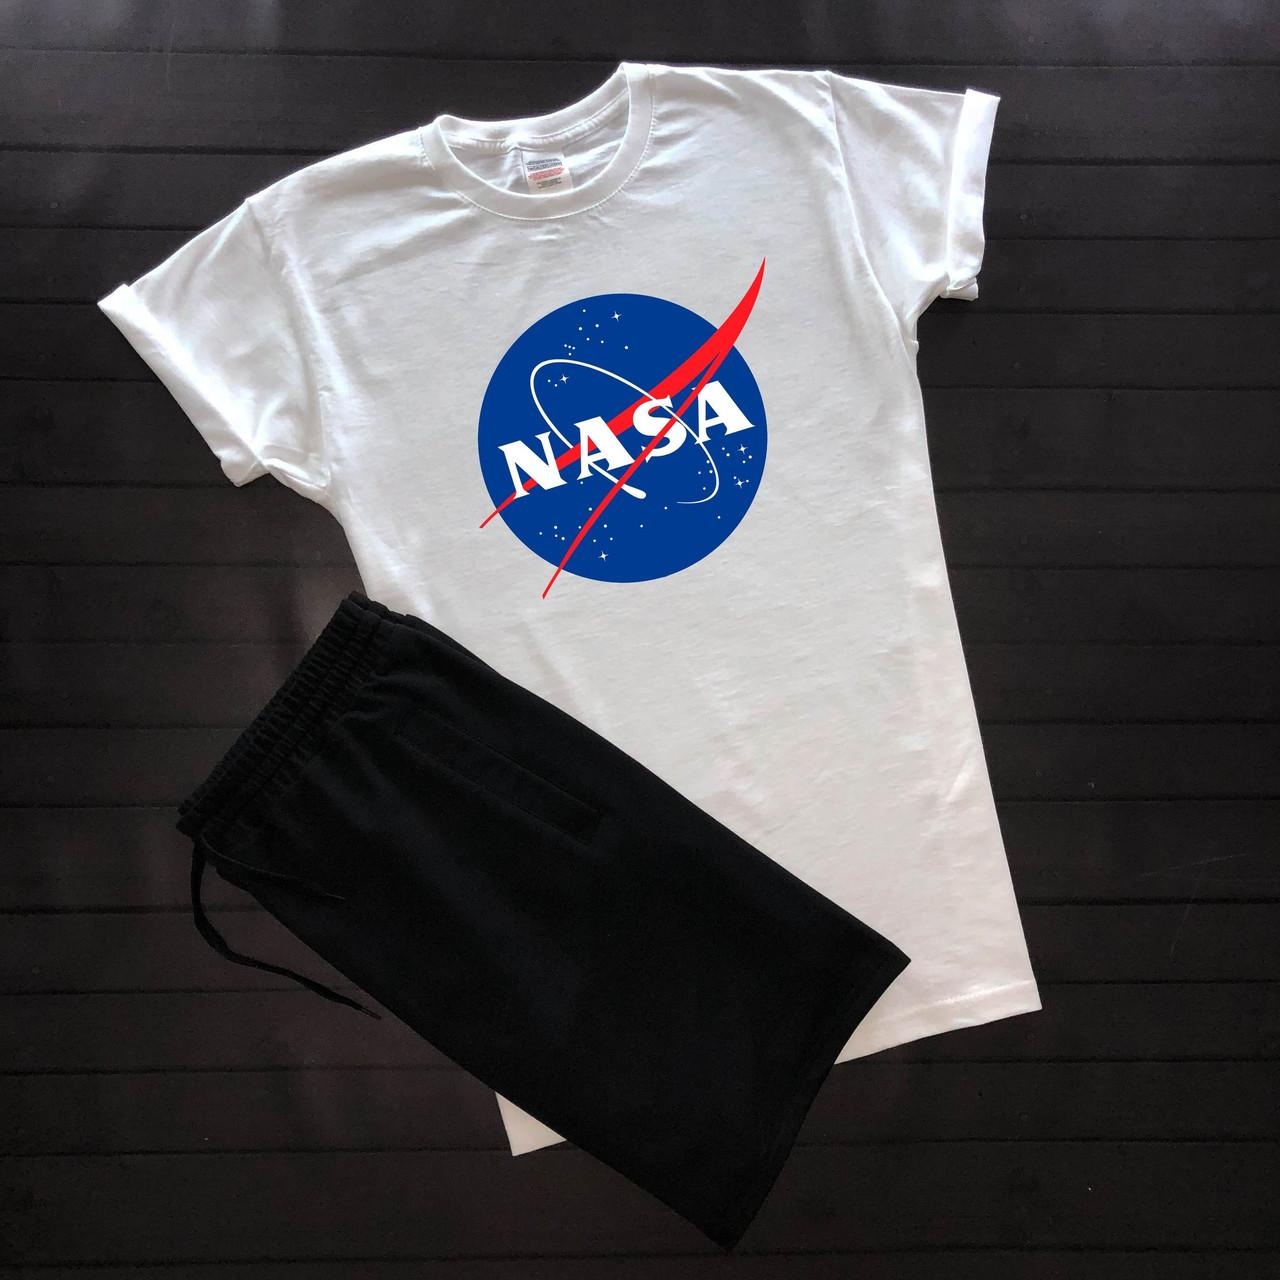 """Чоловічий річний комплект біла футболка з принтом """"Nasa"""" і чорні шорти"""